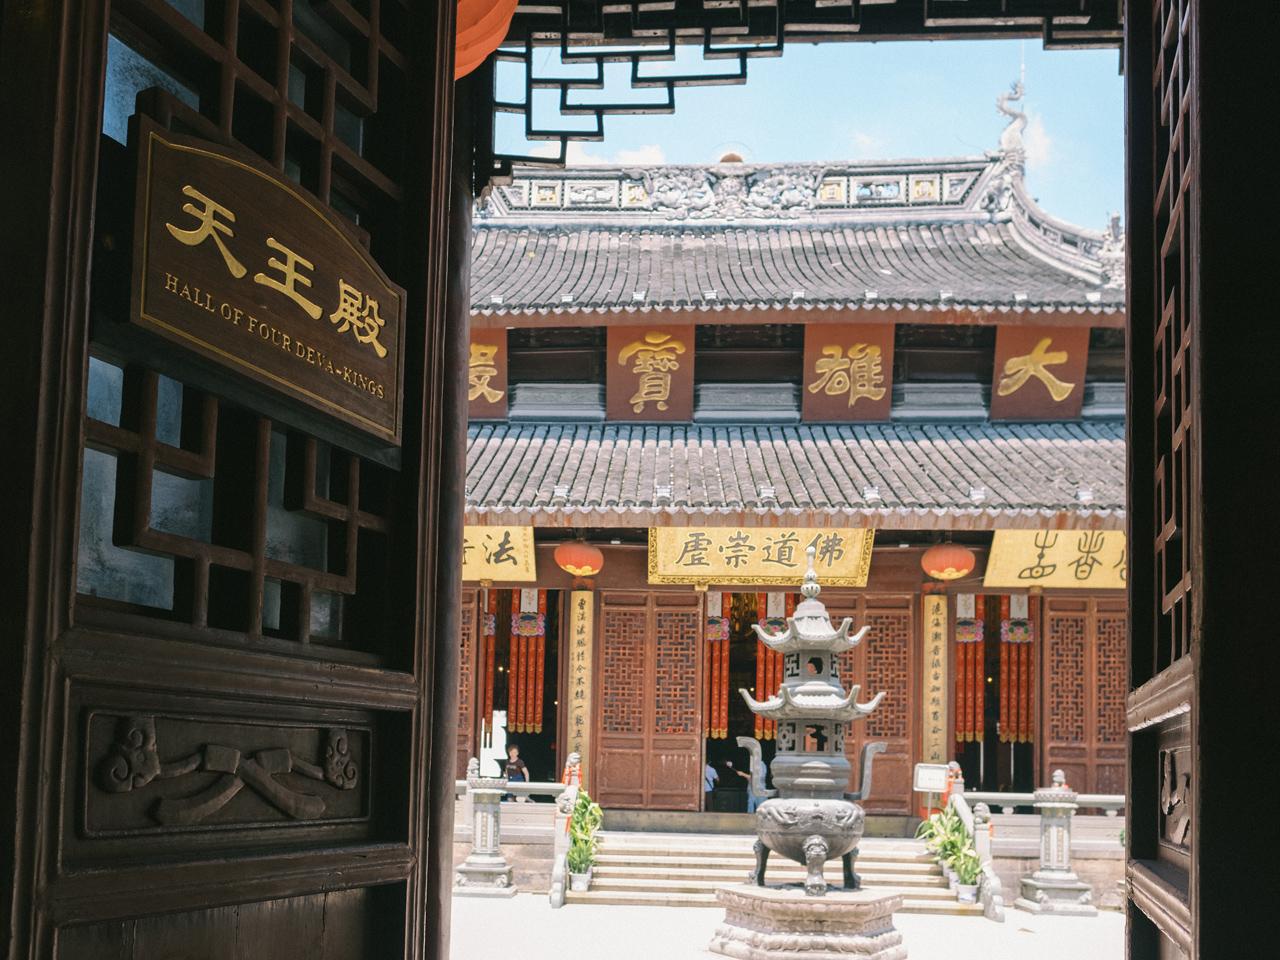 China Trip 2016 - Beijing & Shanghai 87